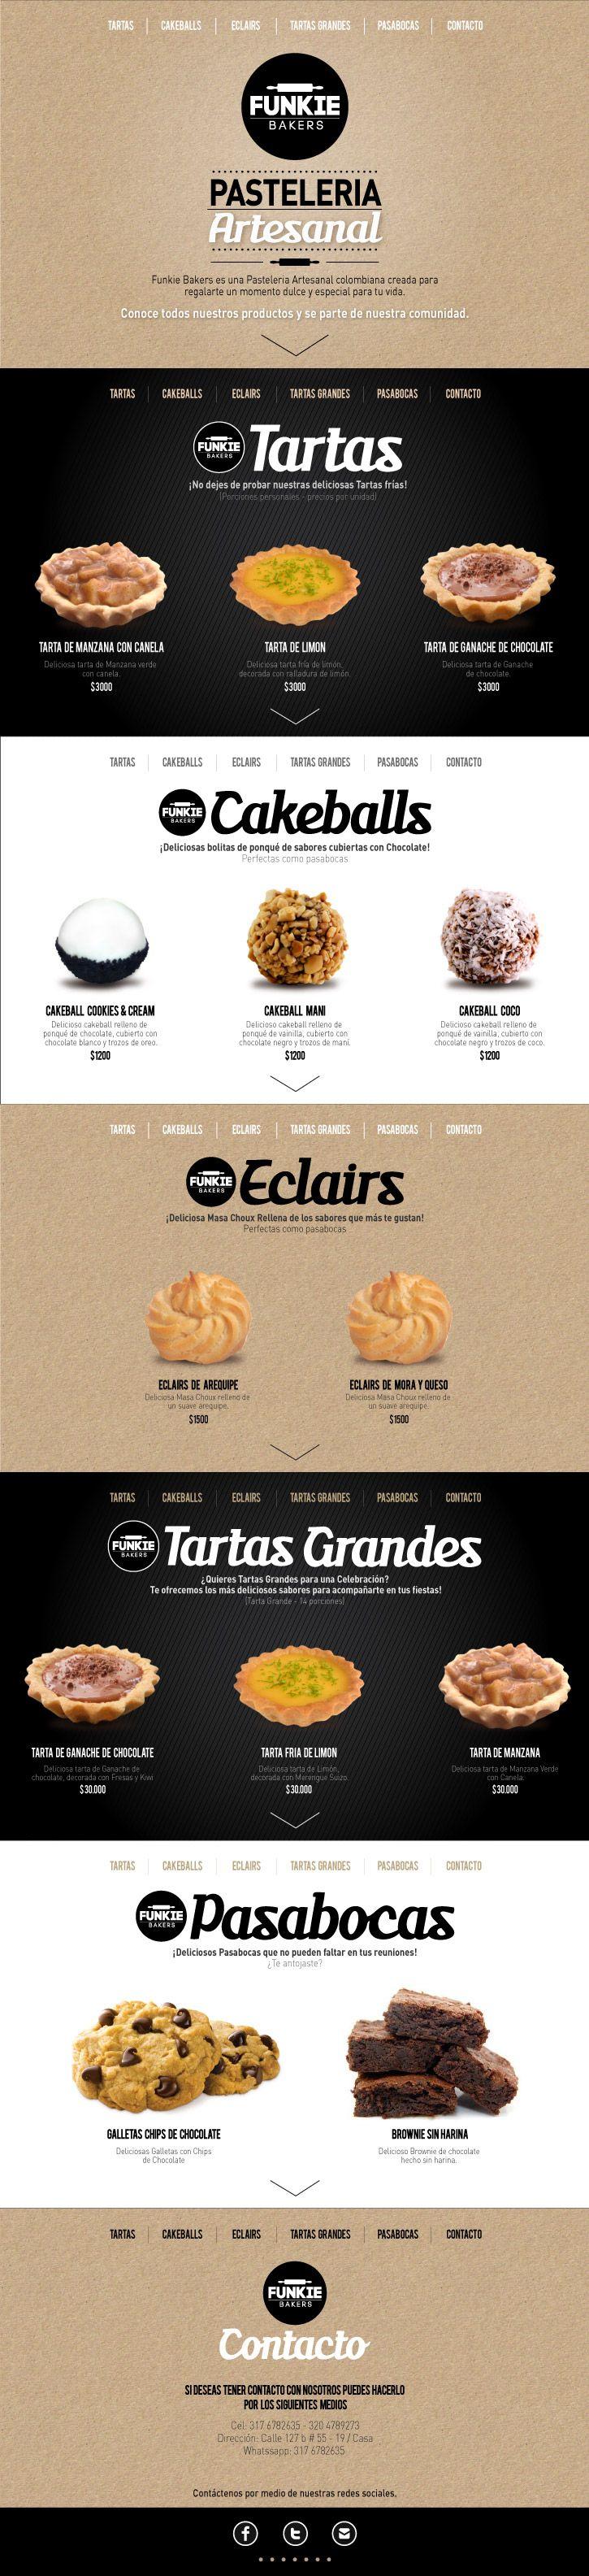 Web Design - Funkie Bakers http://www.behance.net/JuanitaGarcia more on http://themeforest.net/?ref=Vision7Studio